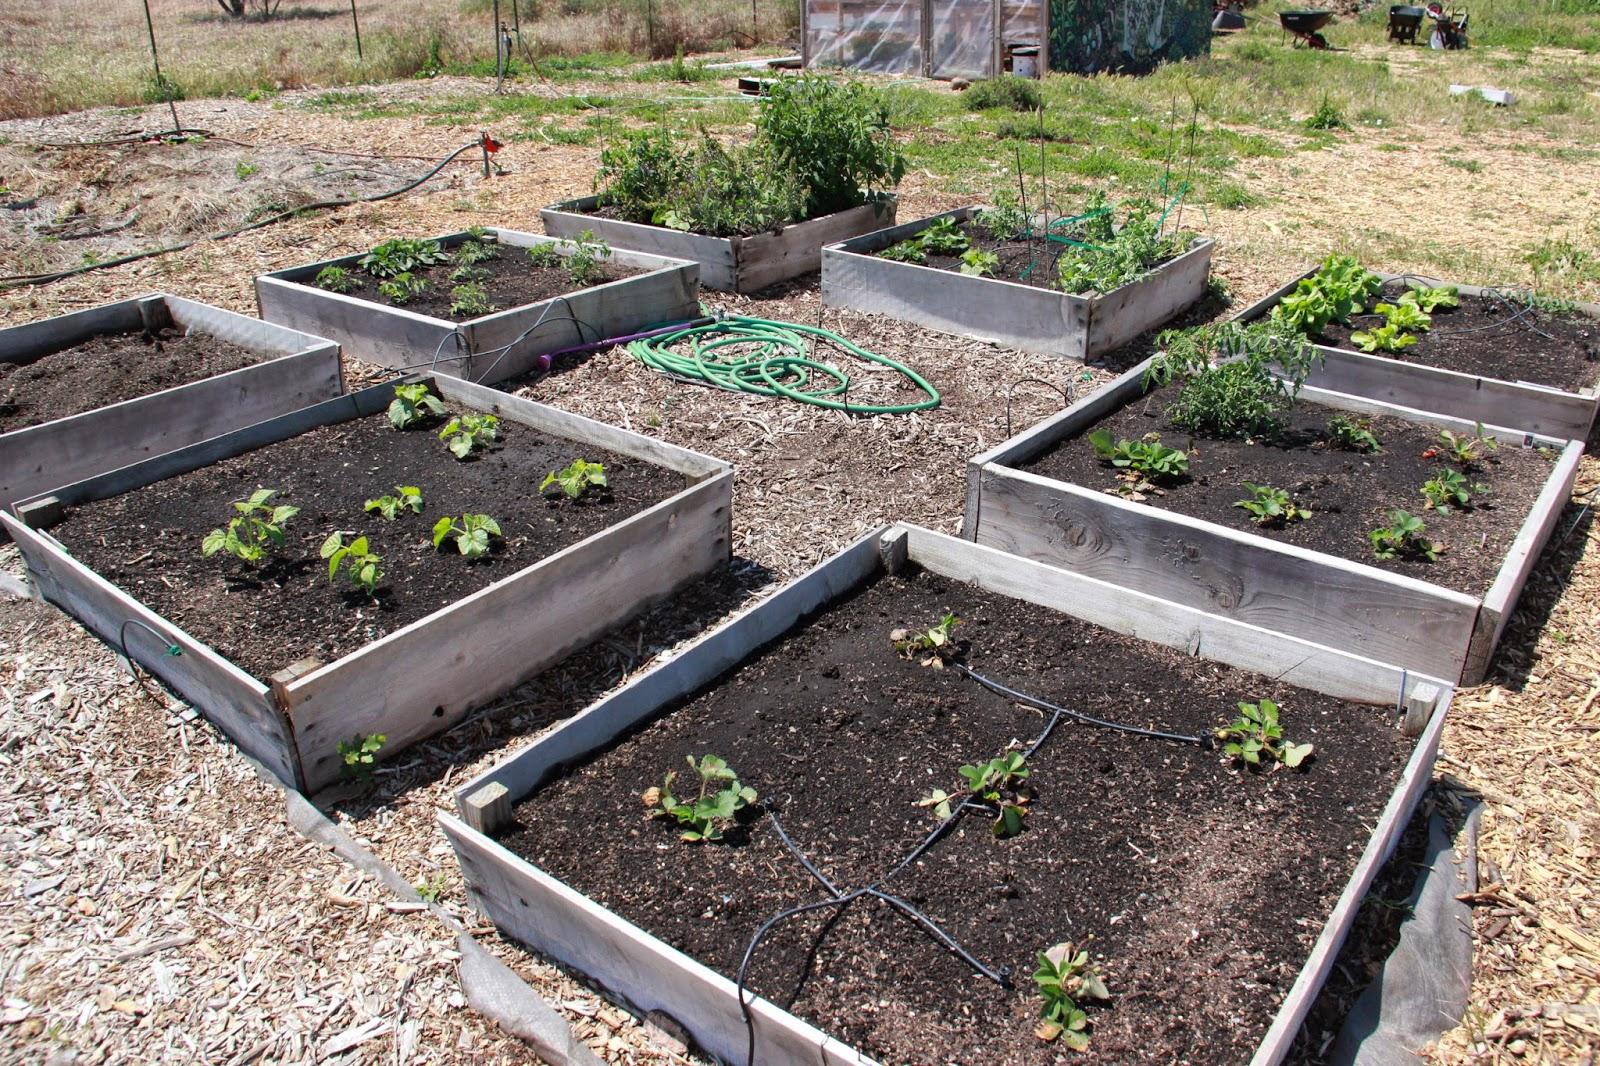 My First Garden Photos 7 different community garden plot